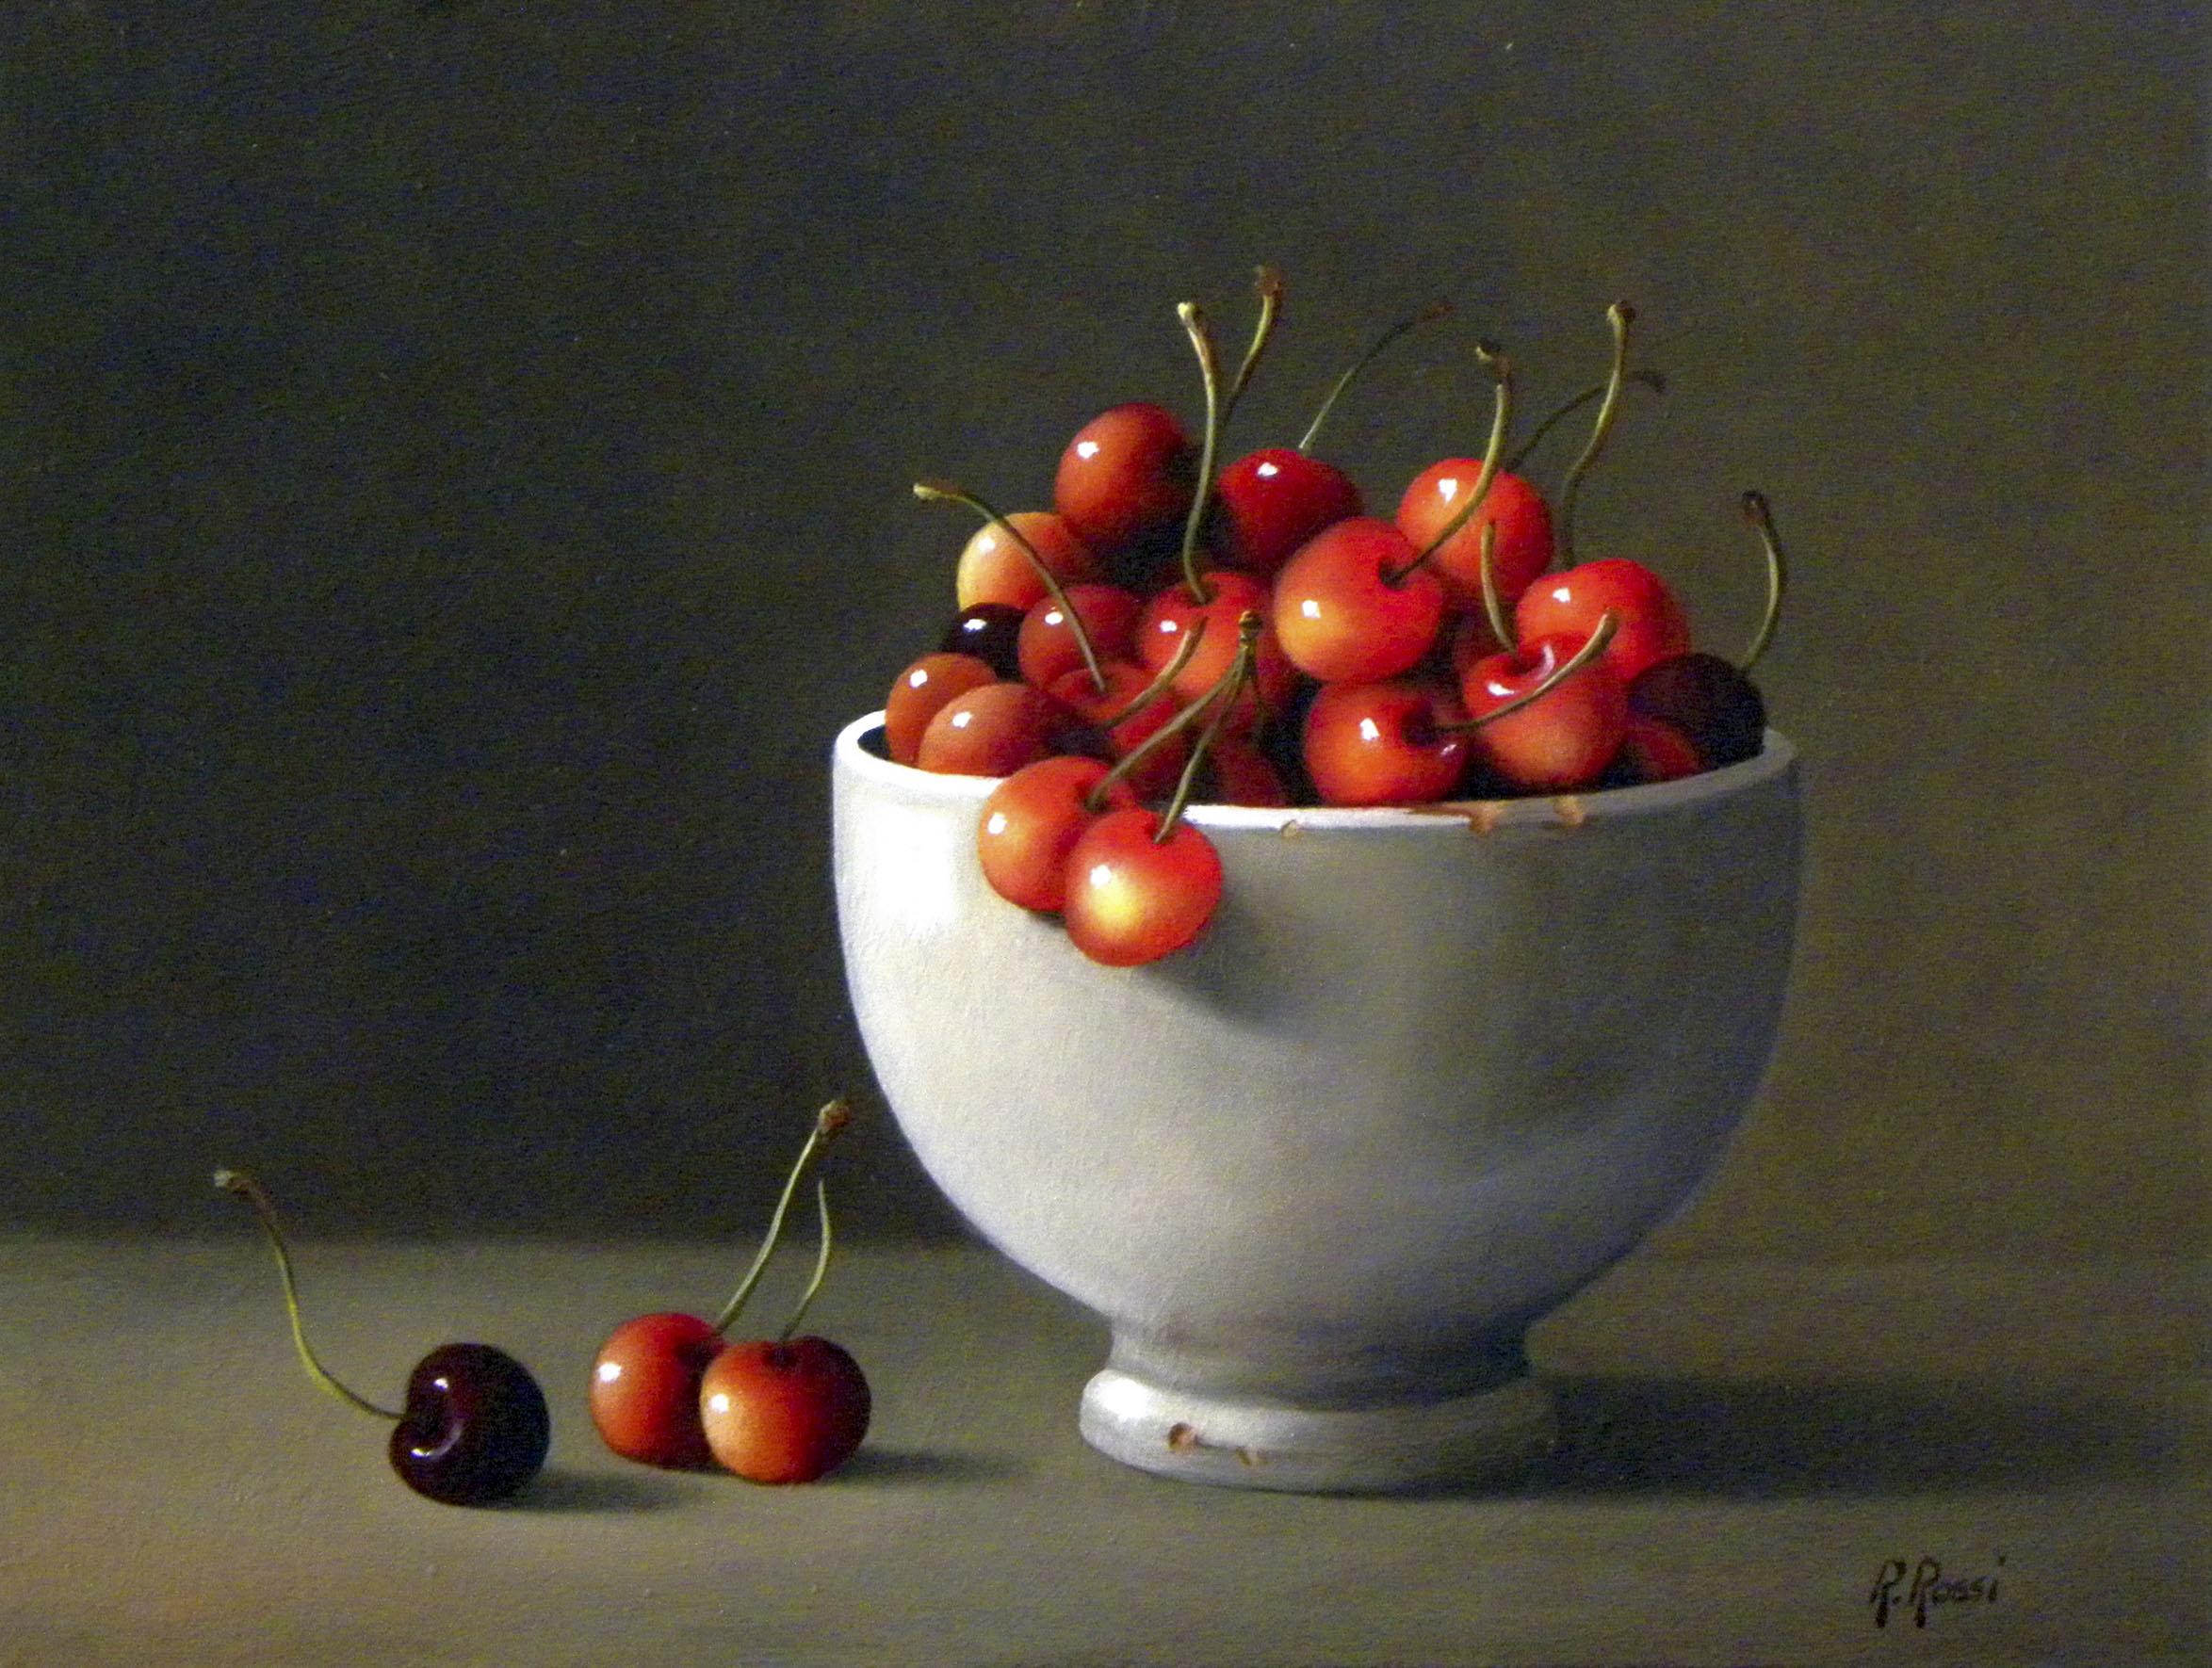 2015 roberta rossi - ciliege nella vecchia tazza - olio su tela applicata a cartone - 18 x 24